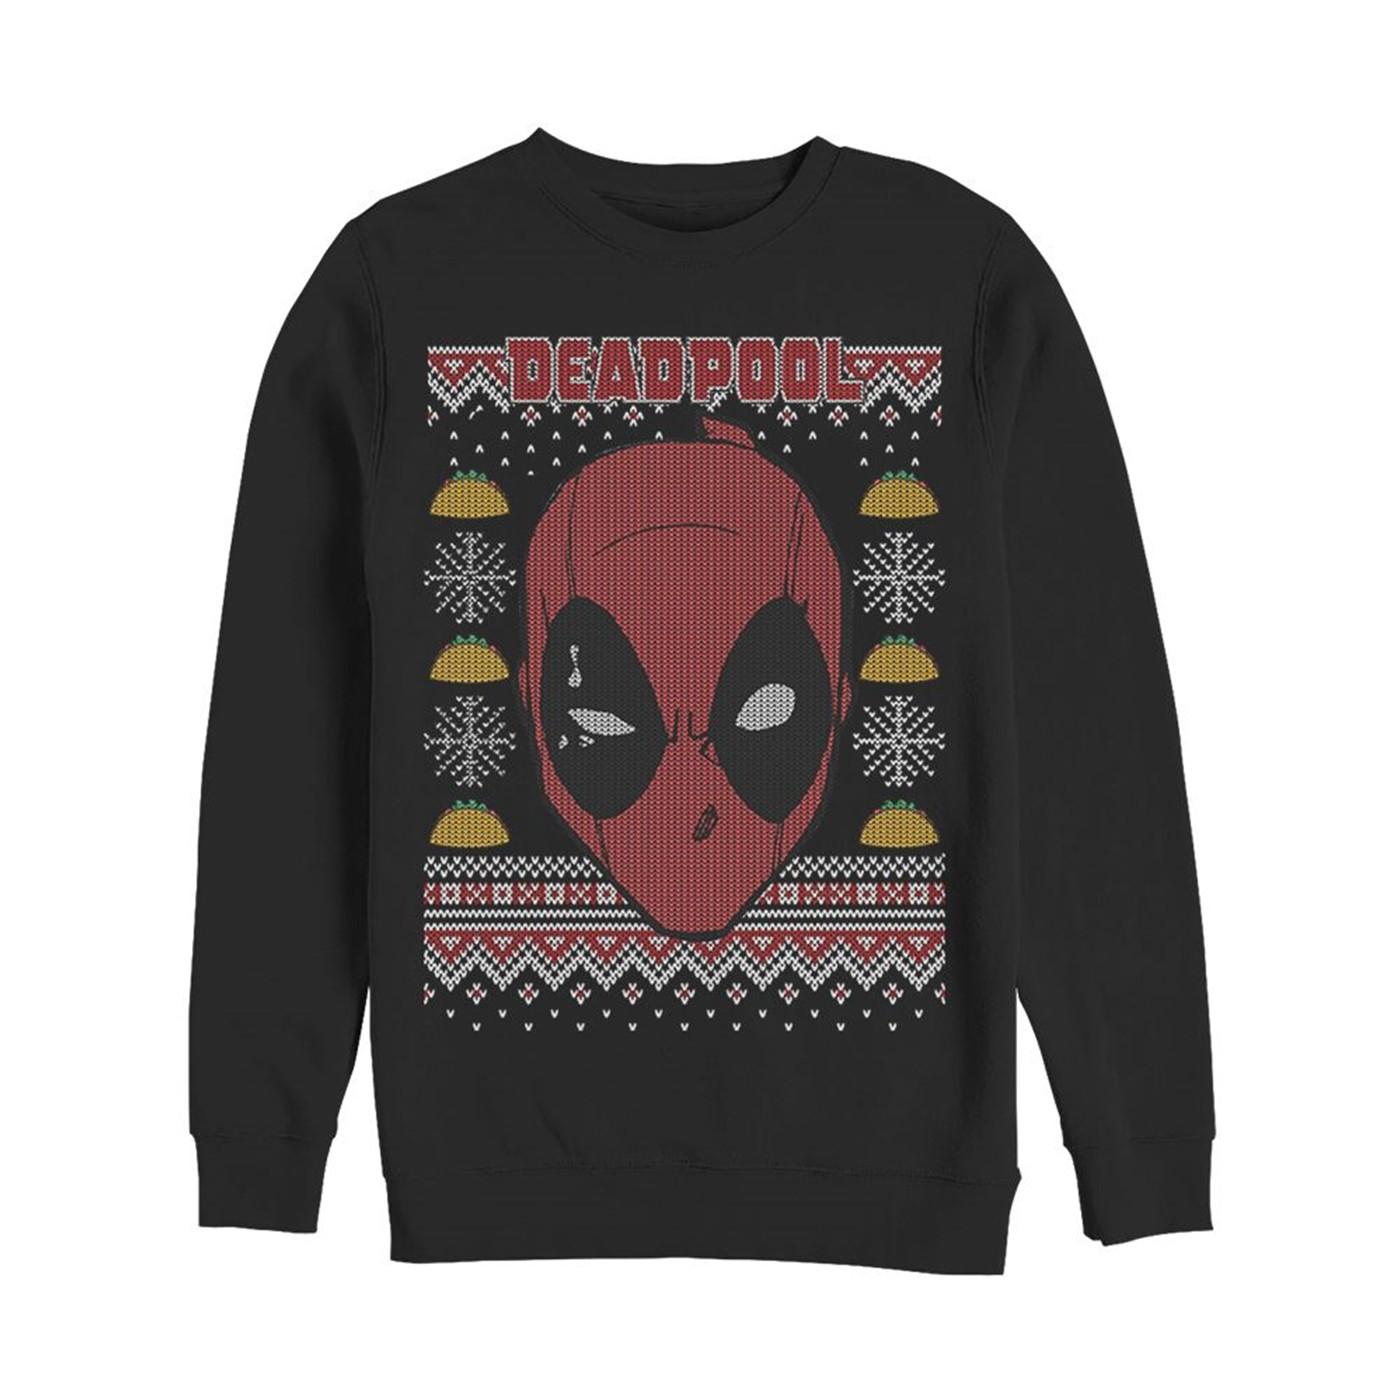 Deadpool Mask Ugly Christmas Sweater Design Sweatshirt